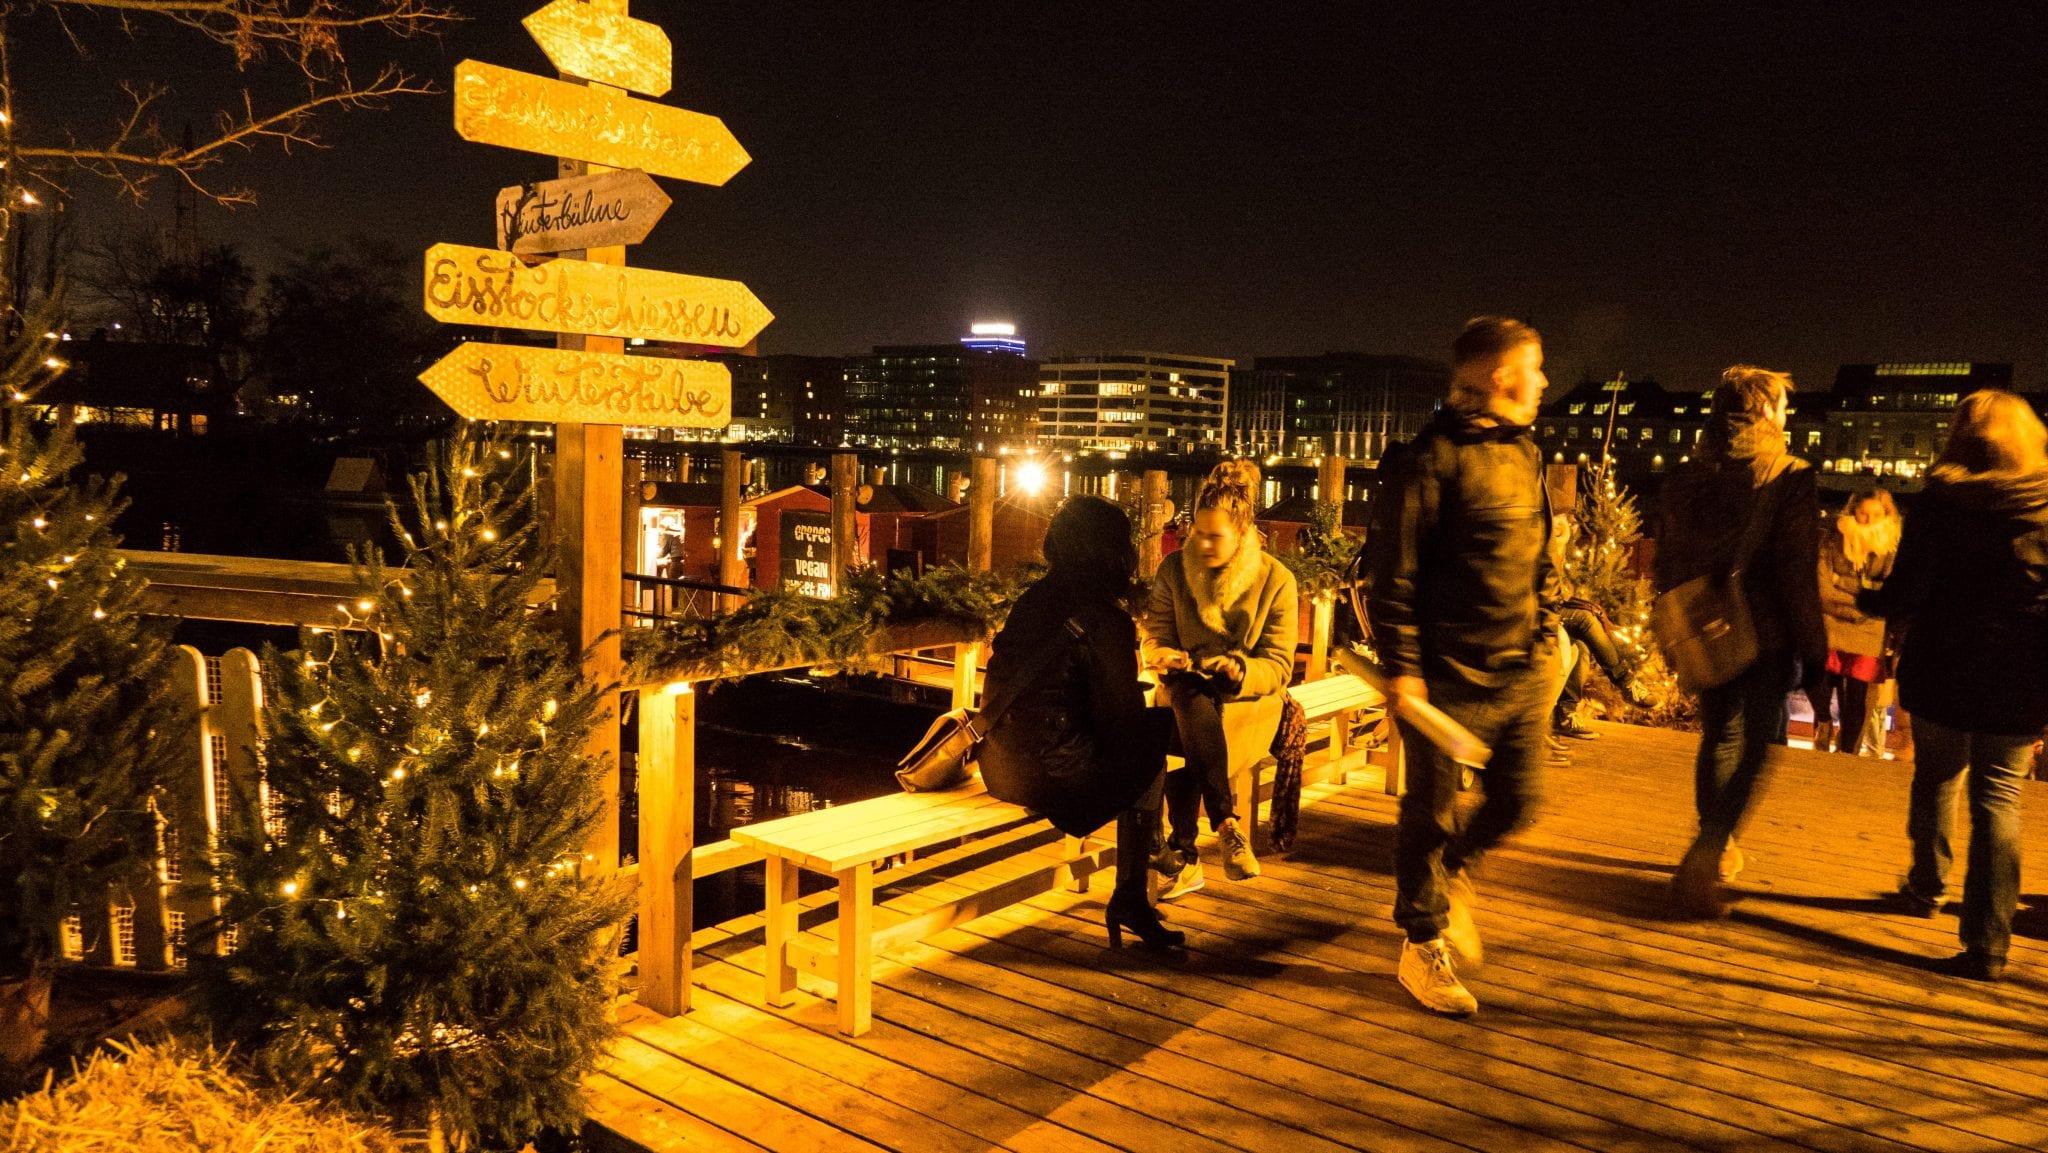 Schönster Weihnachtsmarkt Berlin - Blick Richtung Spree 2